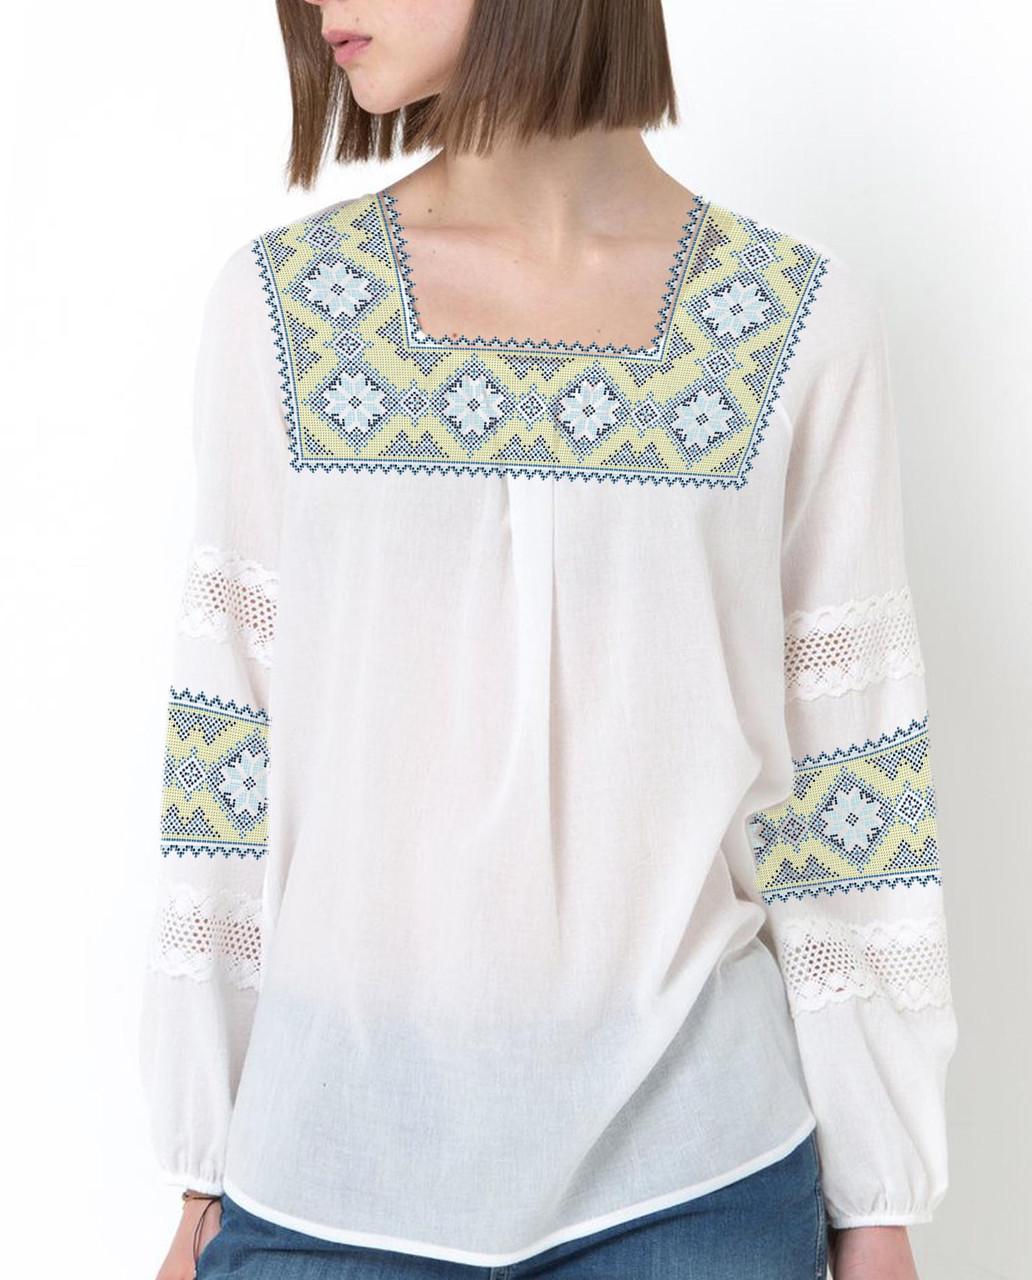 Заготовка вышиванки женской сорочки / блузы для вышивки бисером «Золотий орнамент»